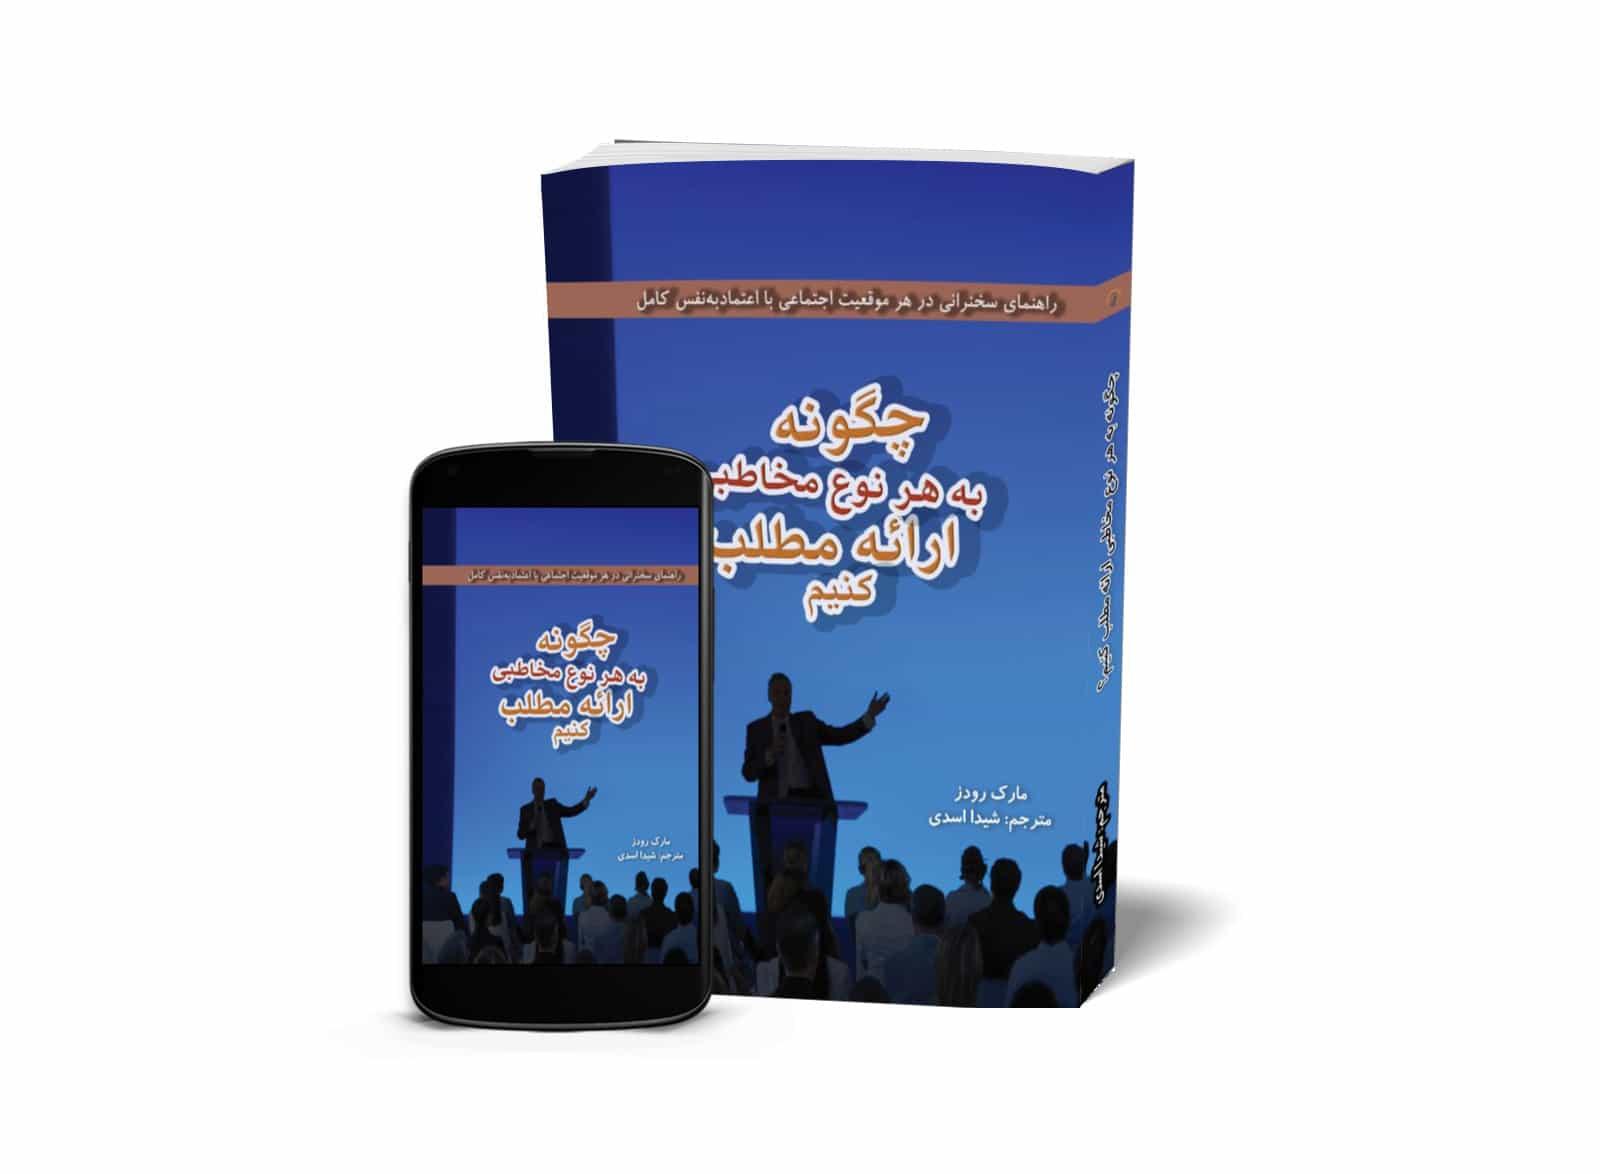 کتاب چگونه به هر نوع مخاطبی ارائه مطلب کنیم مهارت سخنرانی فن بیان